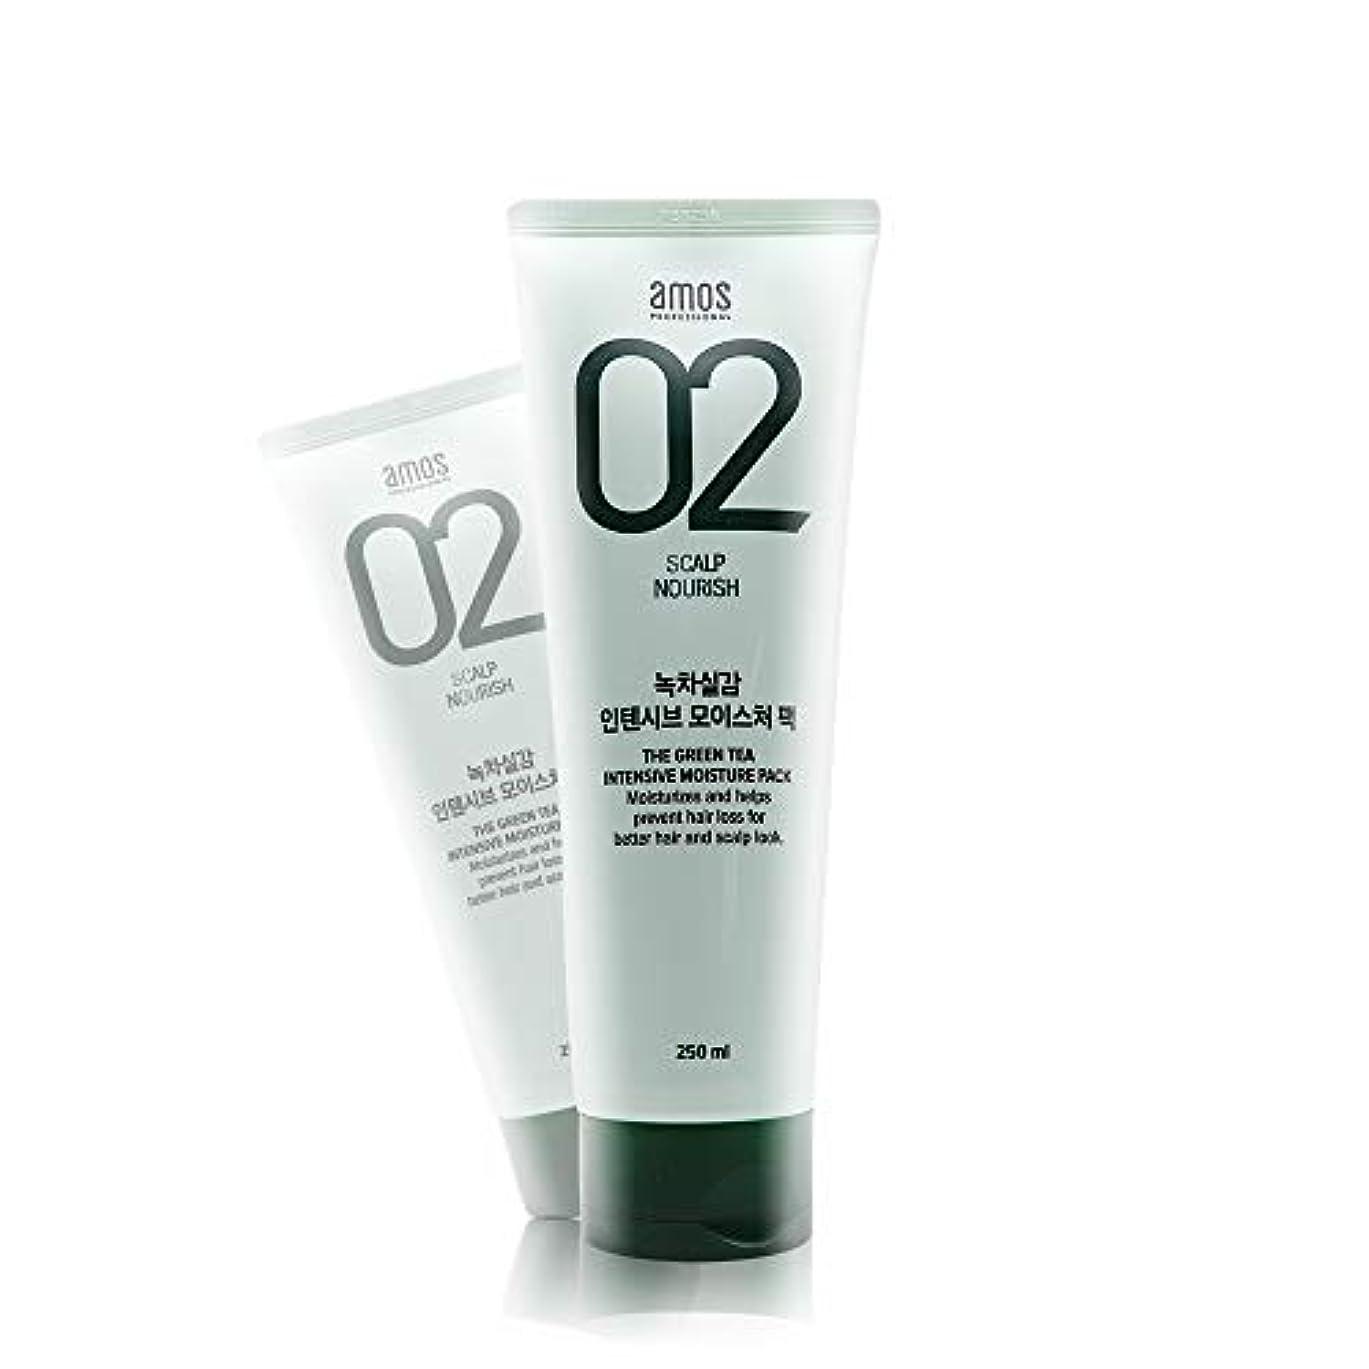 暖かくローマ人平行アモス AMOS 緑茶実感インテンシブモイスチャーパック 250g, Feel the Green Tea Intensive Moisture Hair Pack